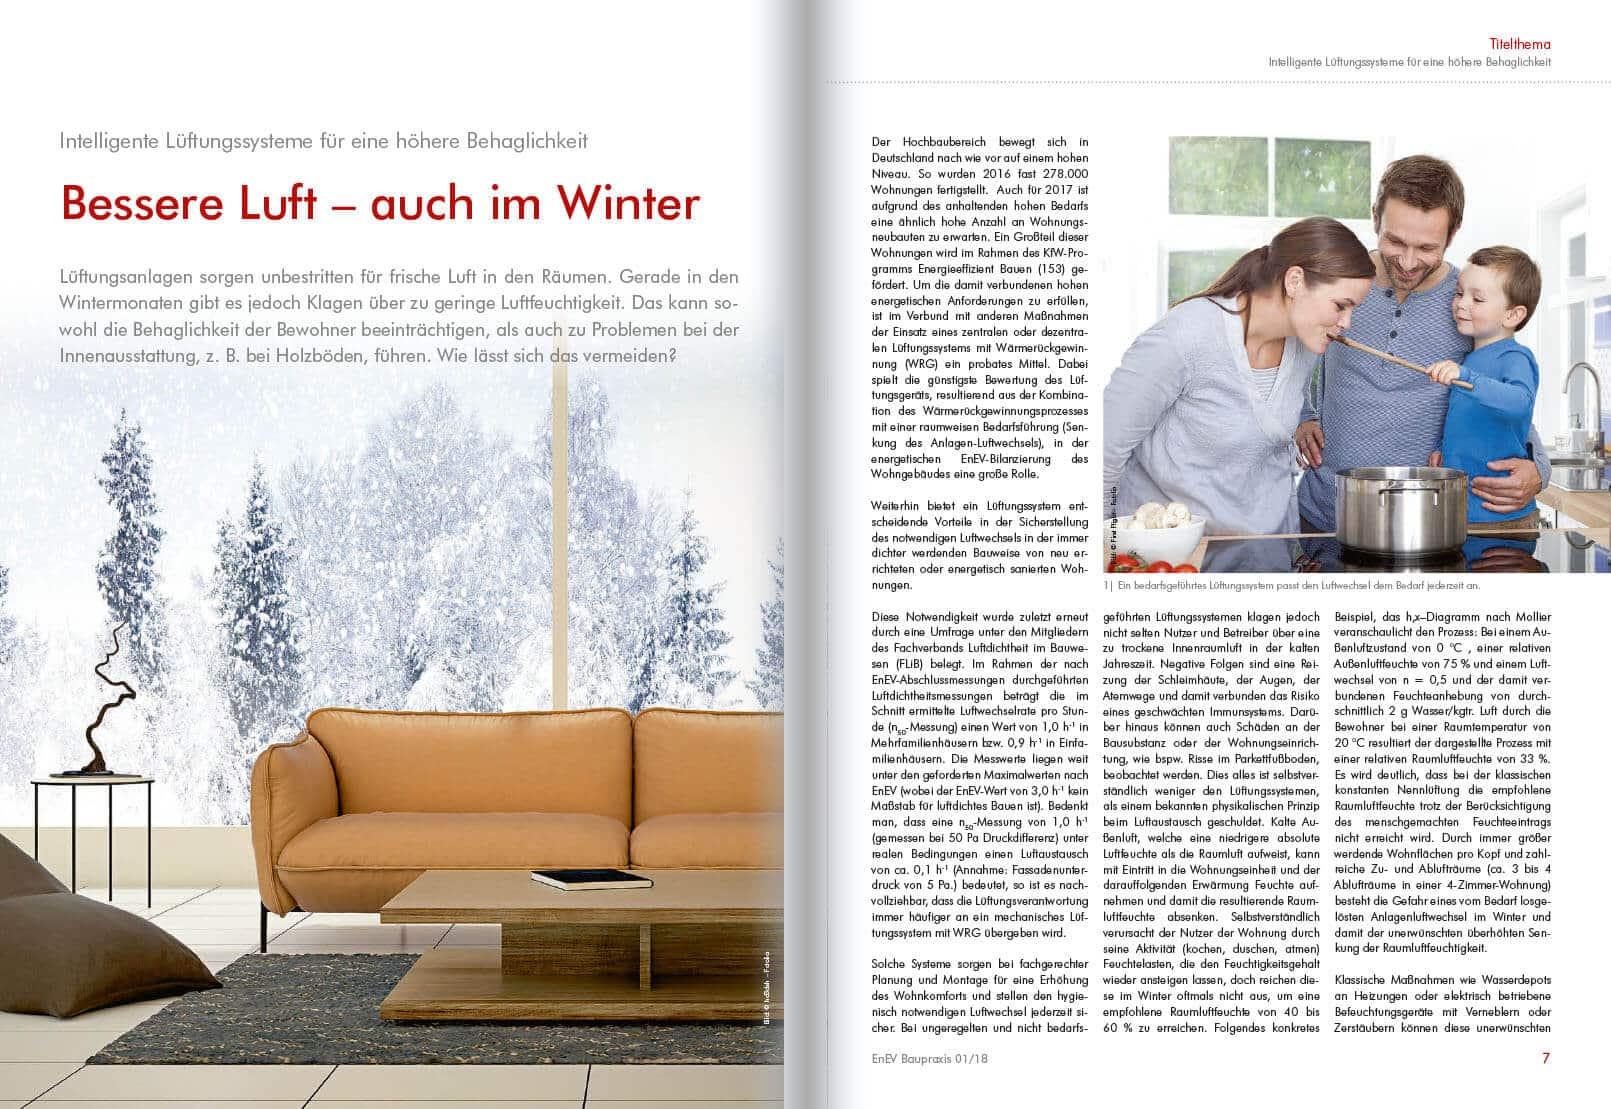 Bessere Luft auch im Winter